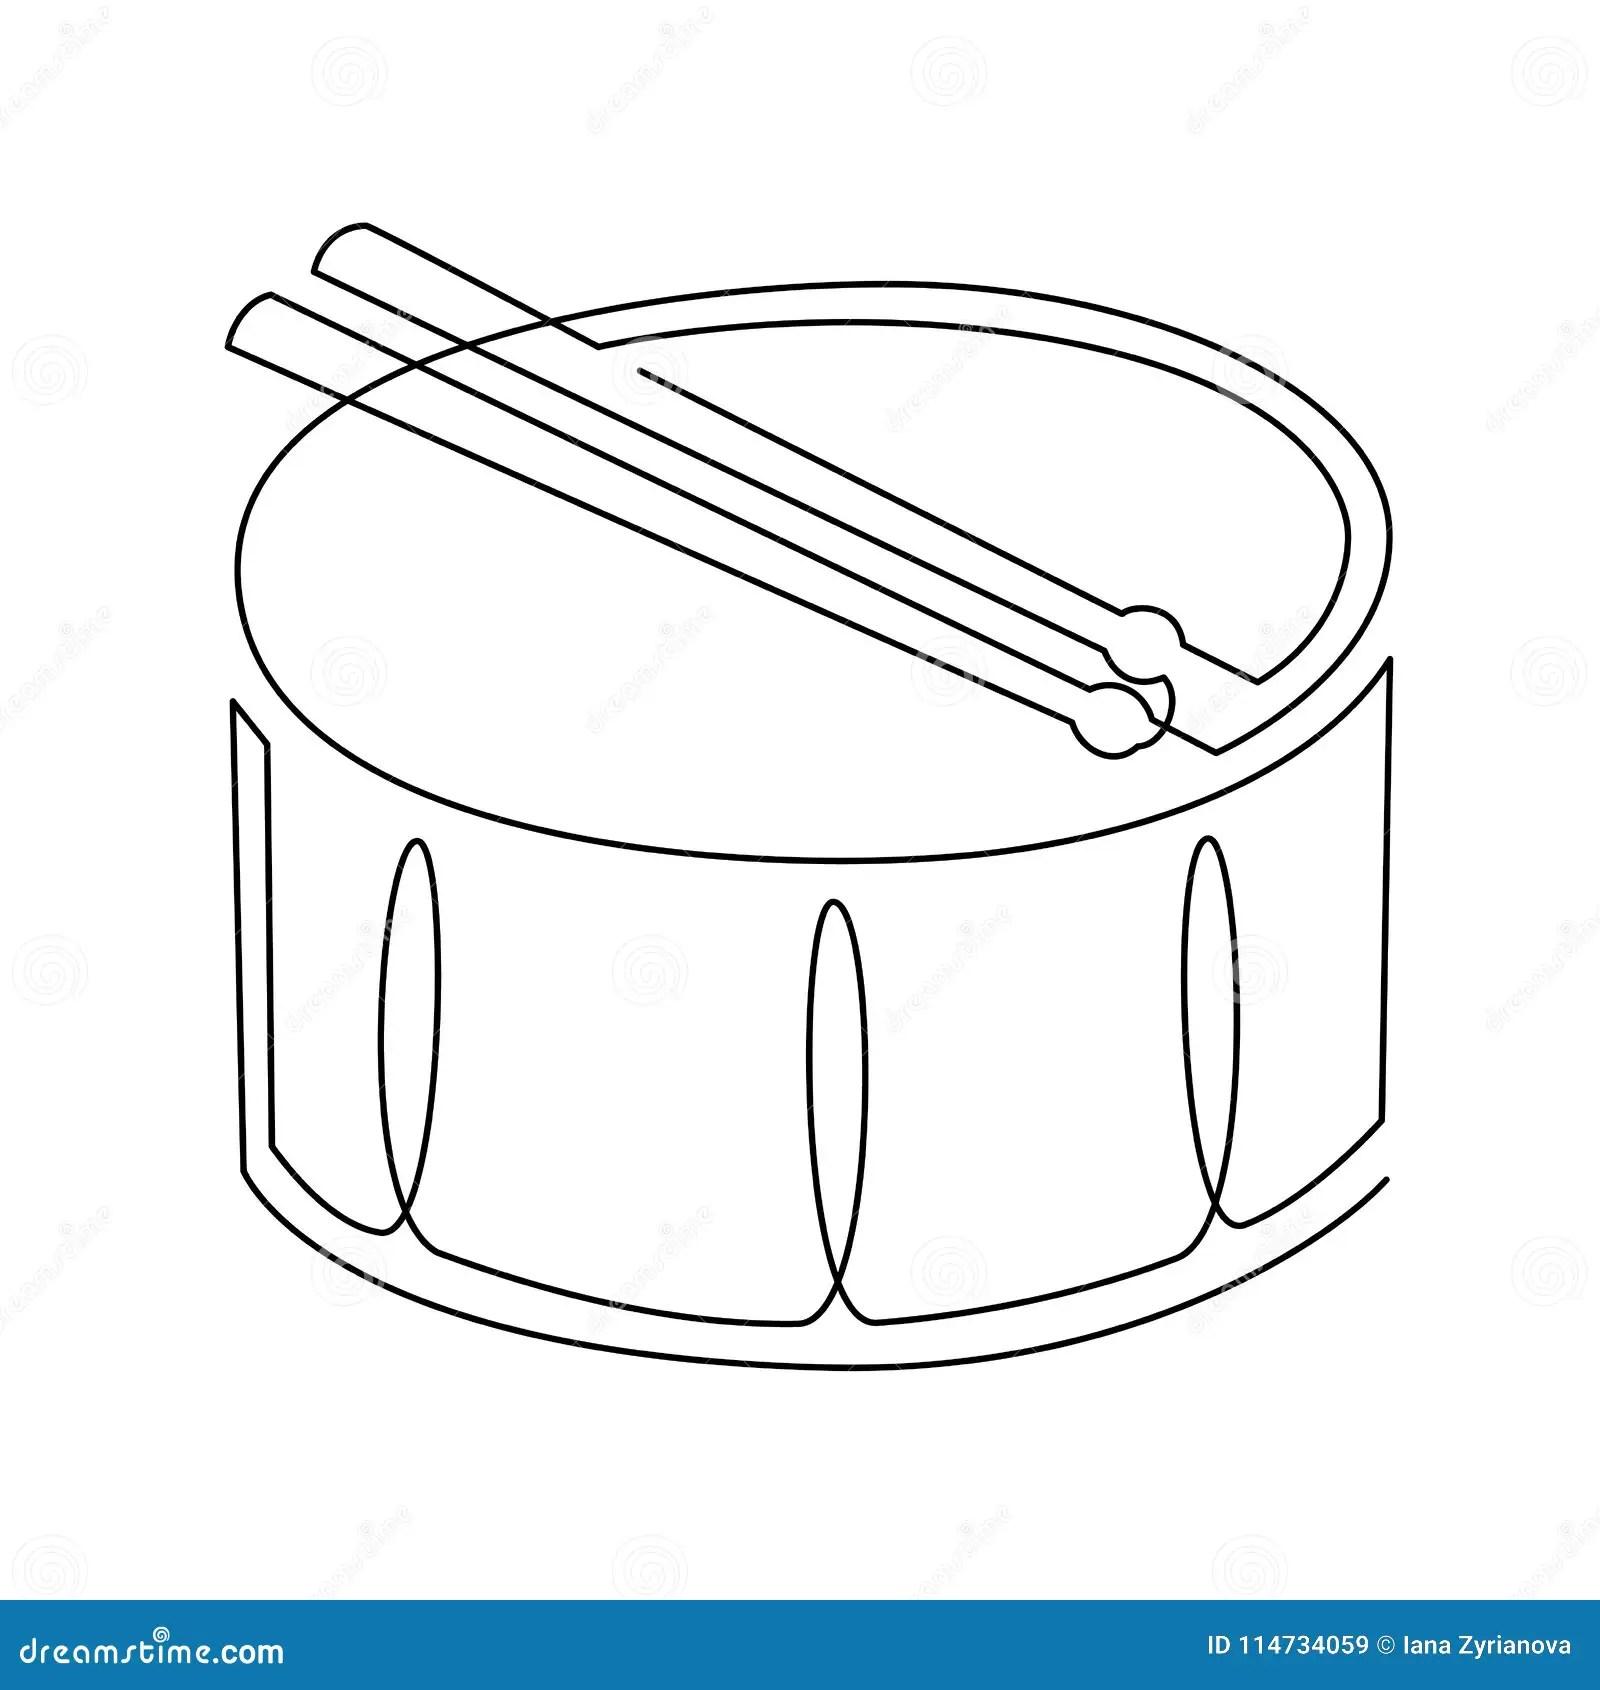 Dessin Au Trait Continu D Icone De Vecteur De Tambour De Piege Ligne Simple D Instrument De